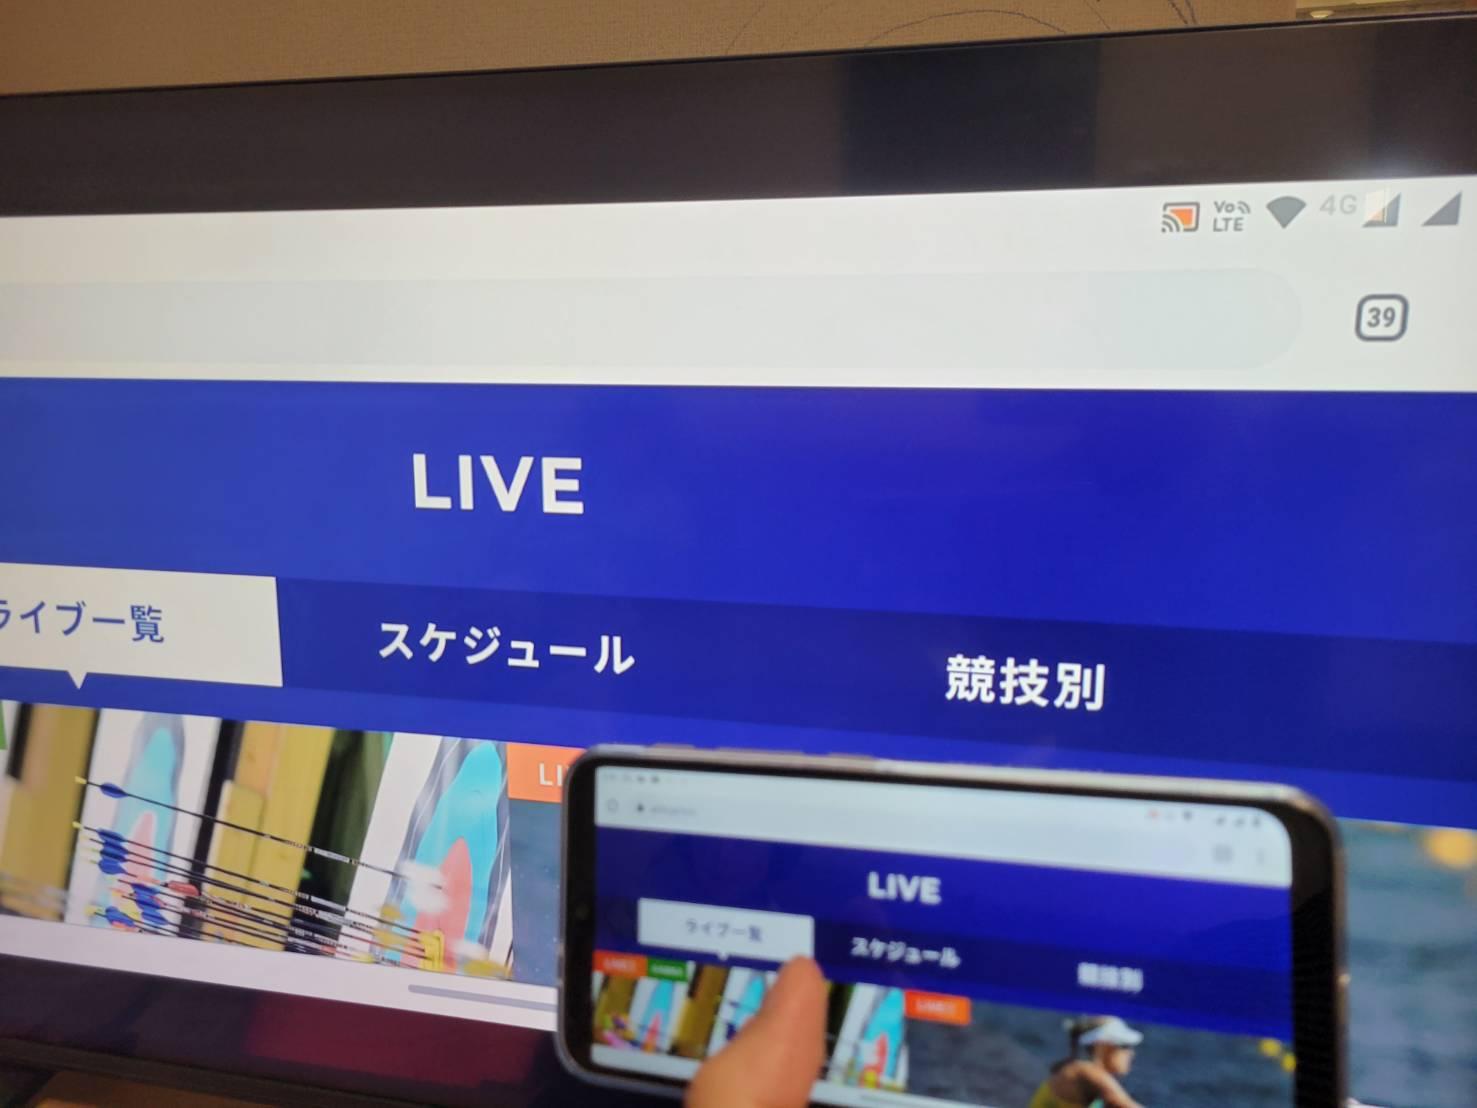 テレビへミラーリング